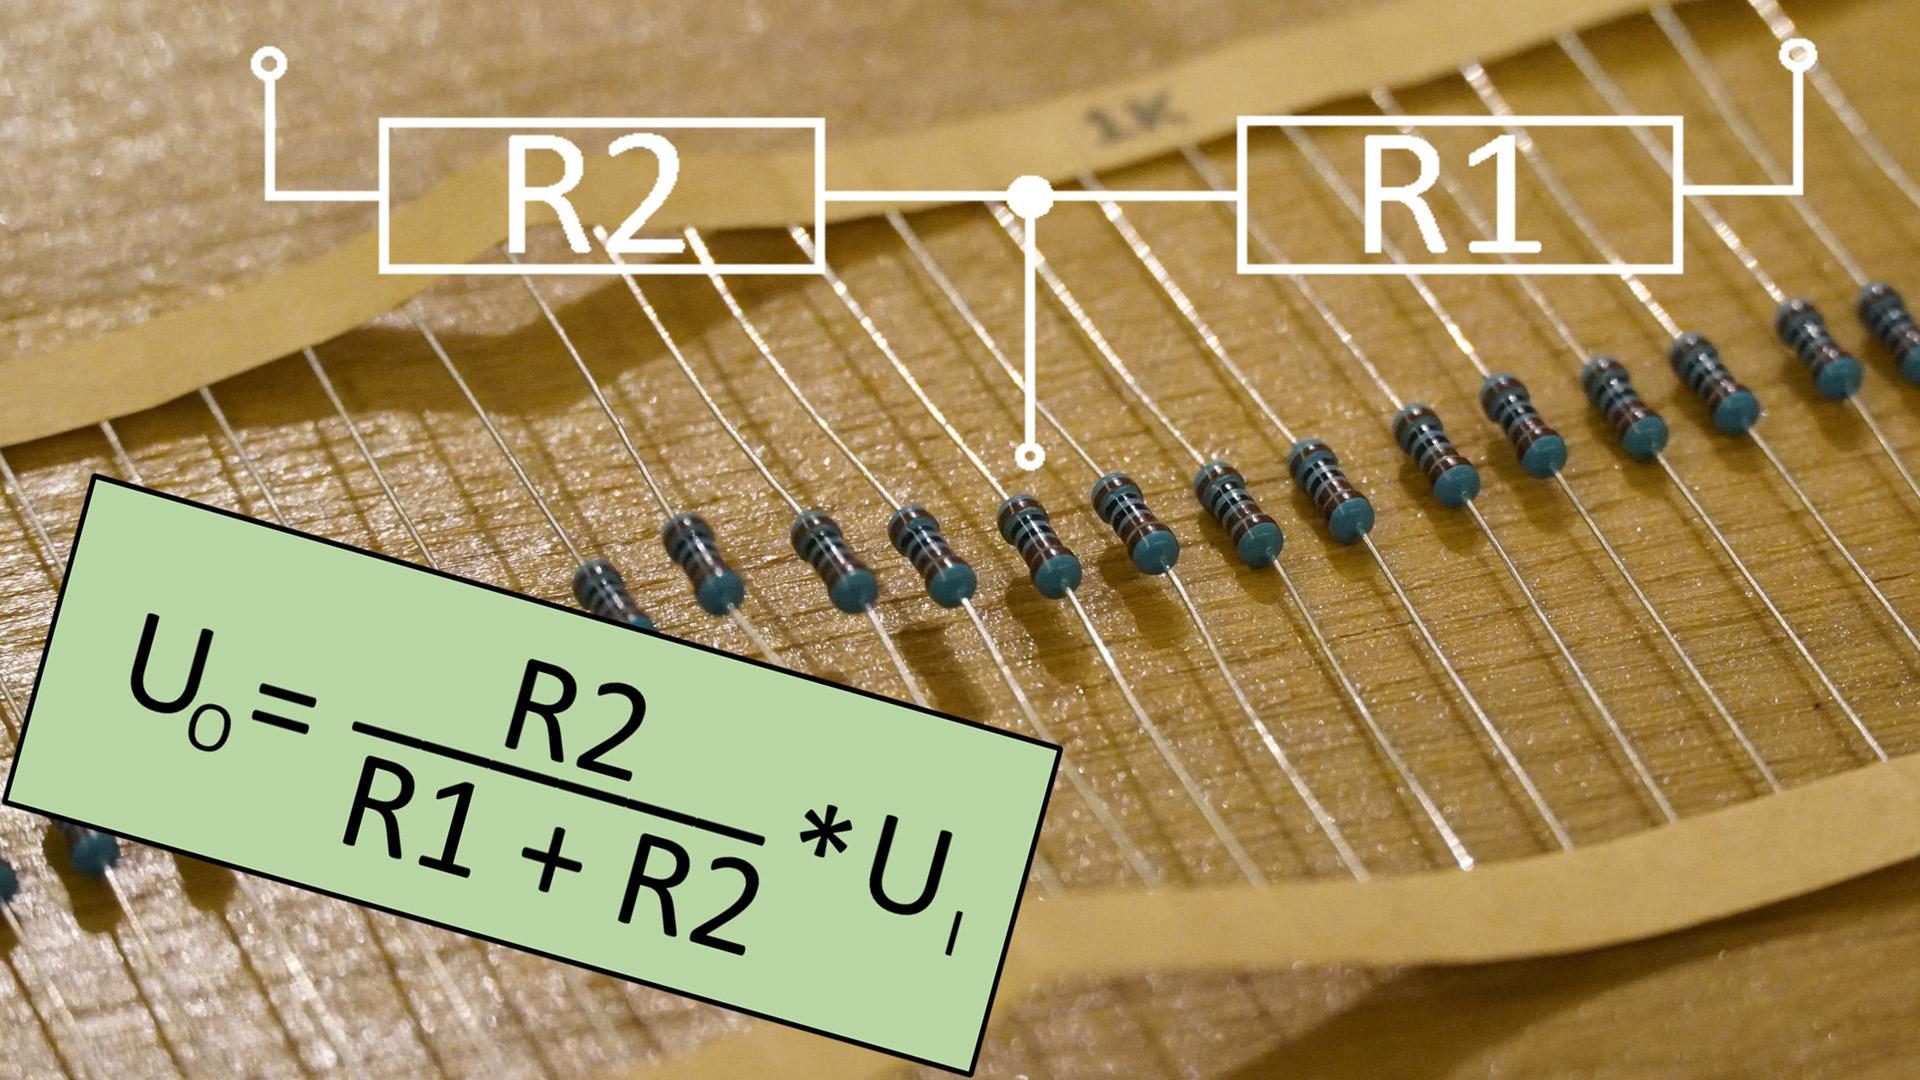 Spannungsteiler berechnen für Mikrocontroller